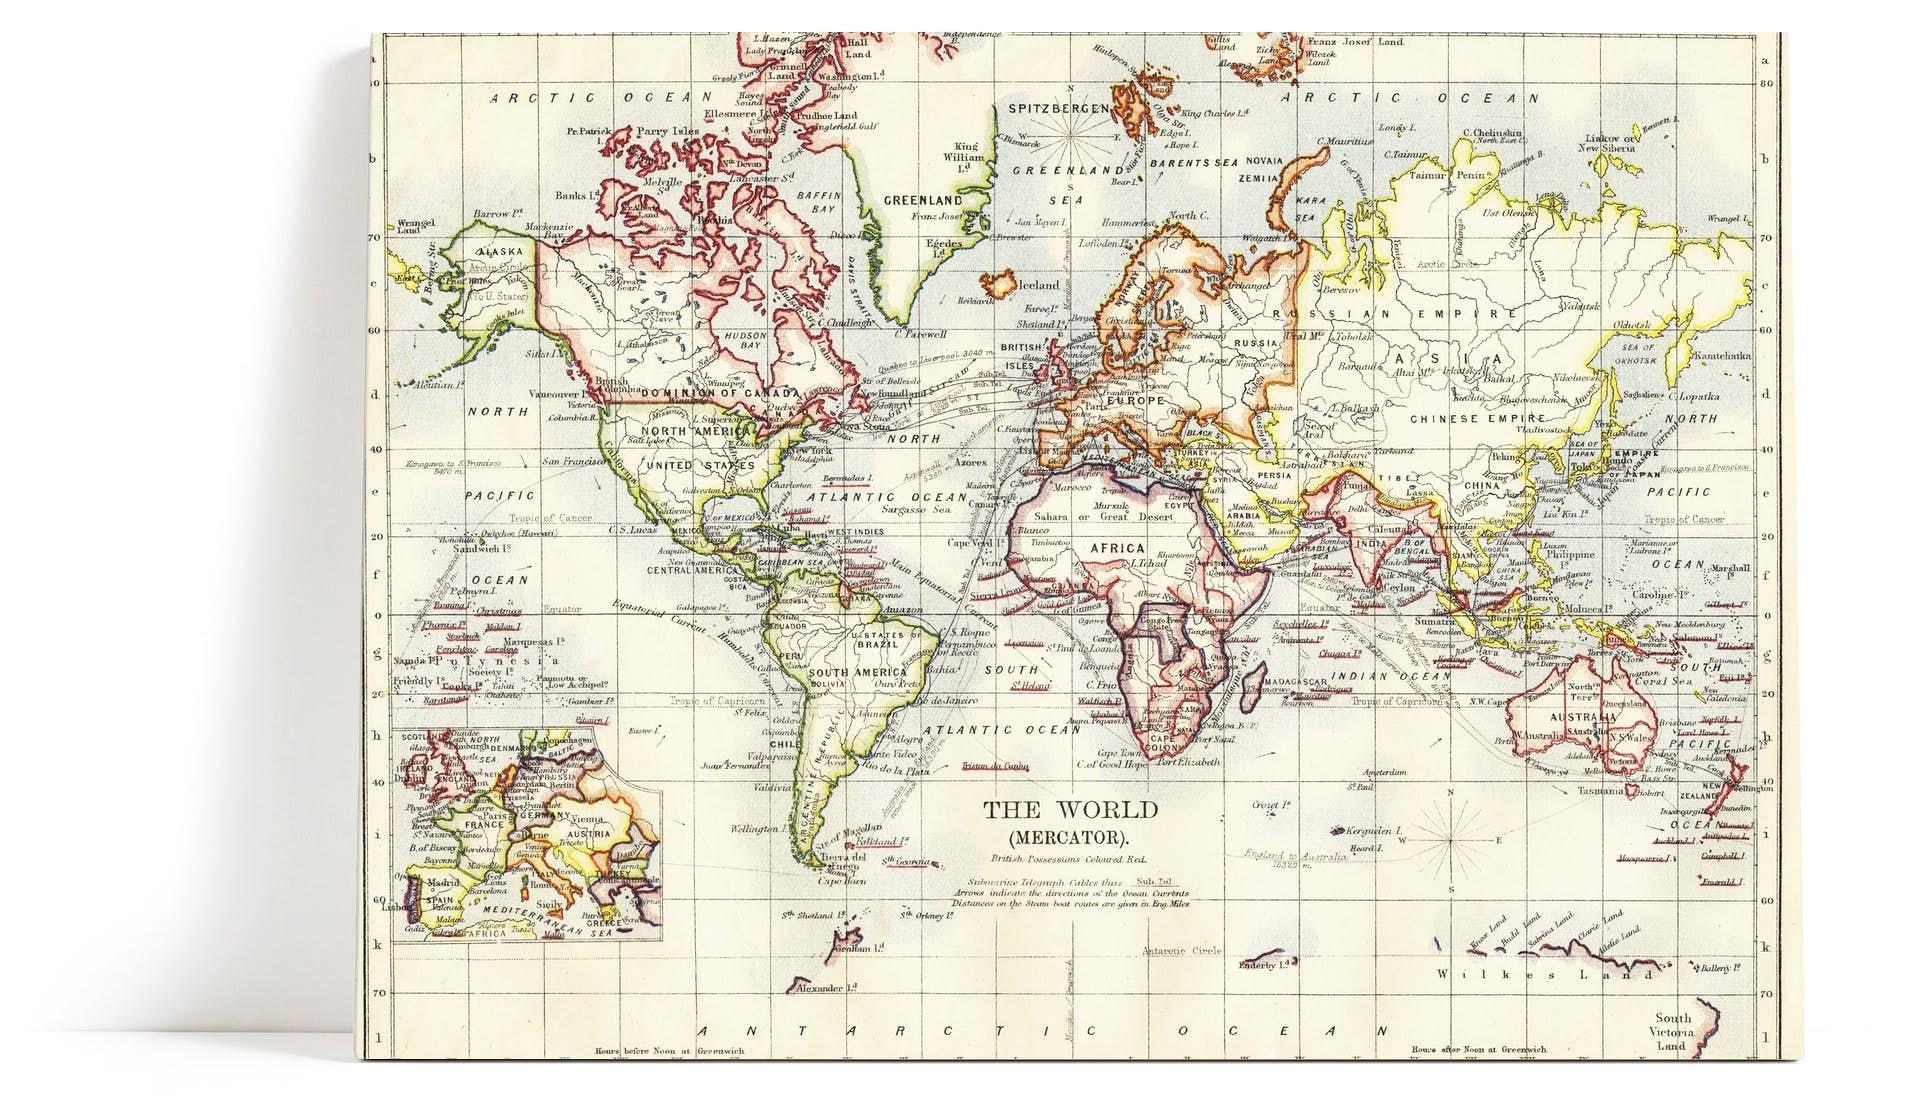 Ryddig Gammel verdenskart Veggbilde | Antikk | Verdenskart - Happywall FI-11